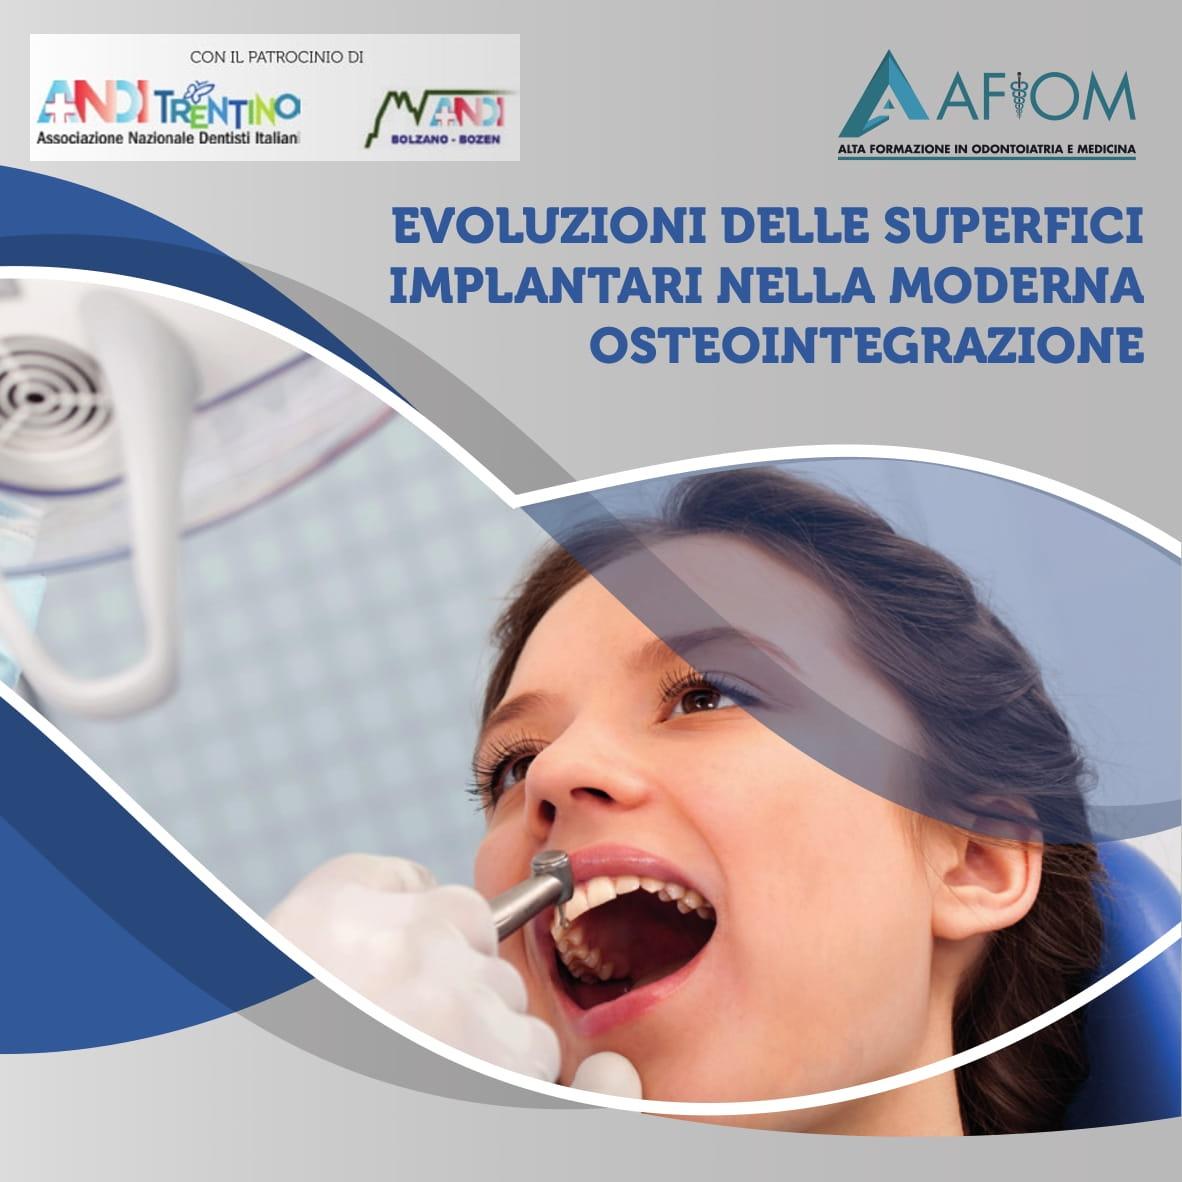 Evoluzioni Delle Superfici Implantari Nella Moderna Osteointegrazione